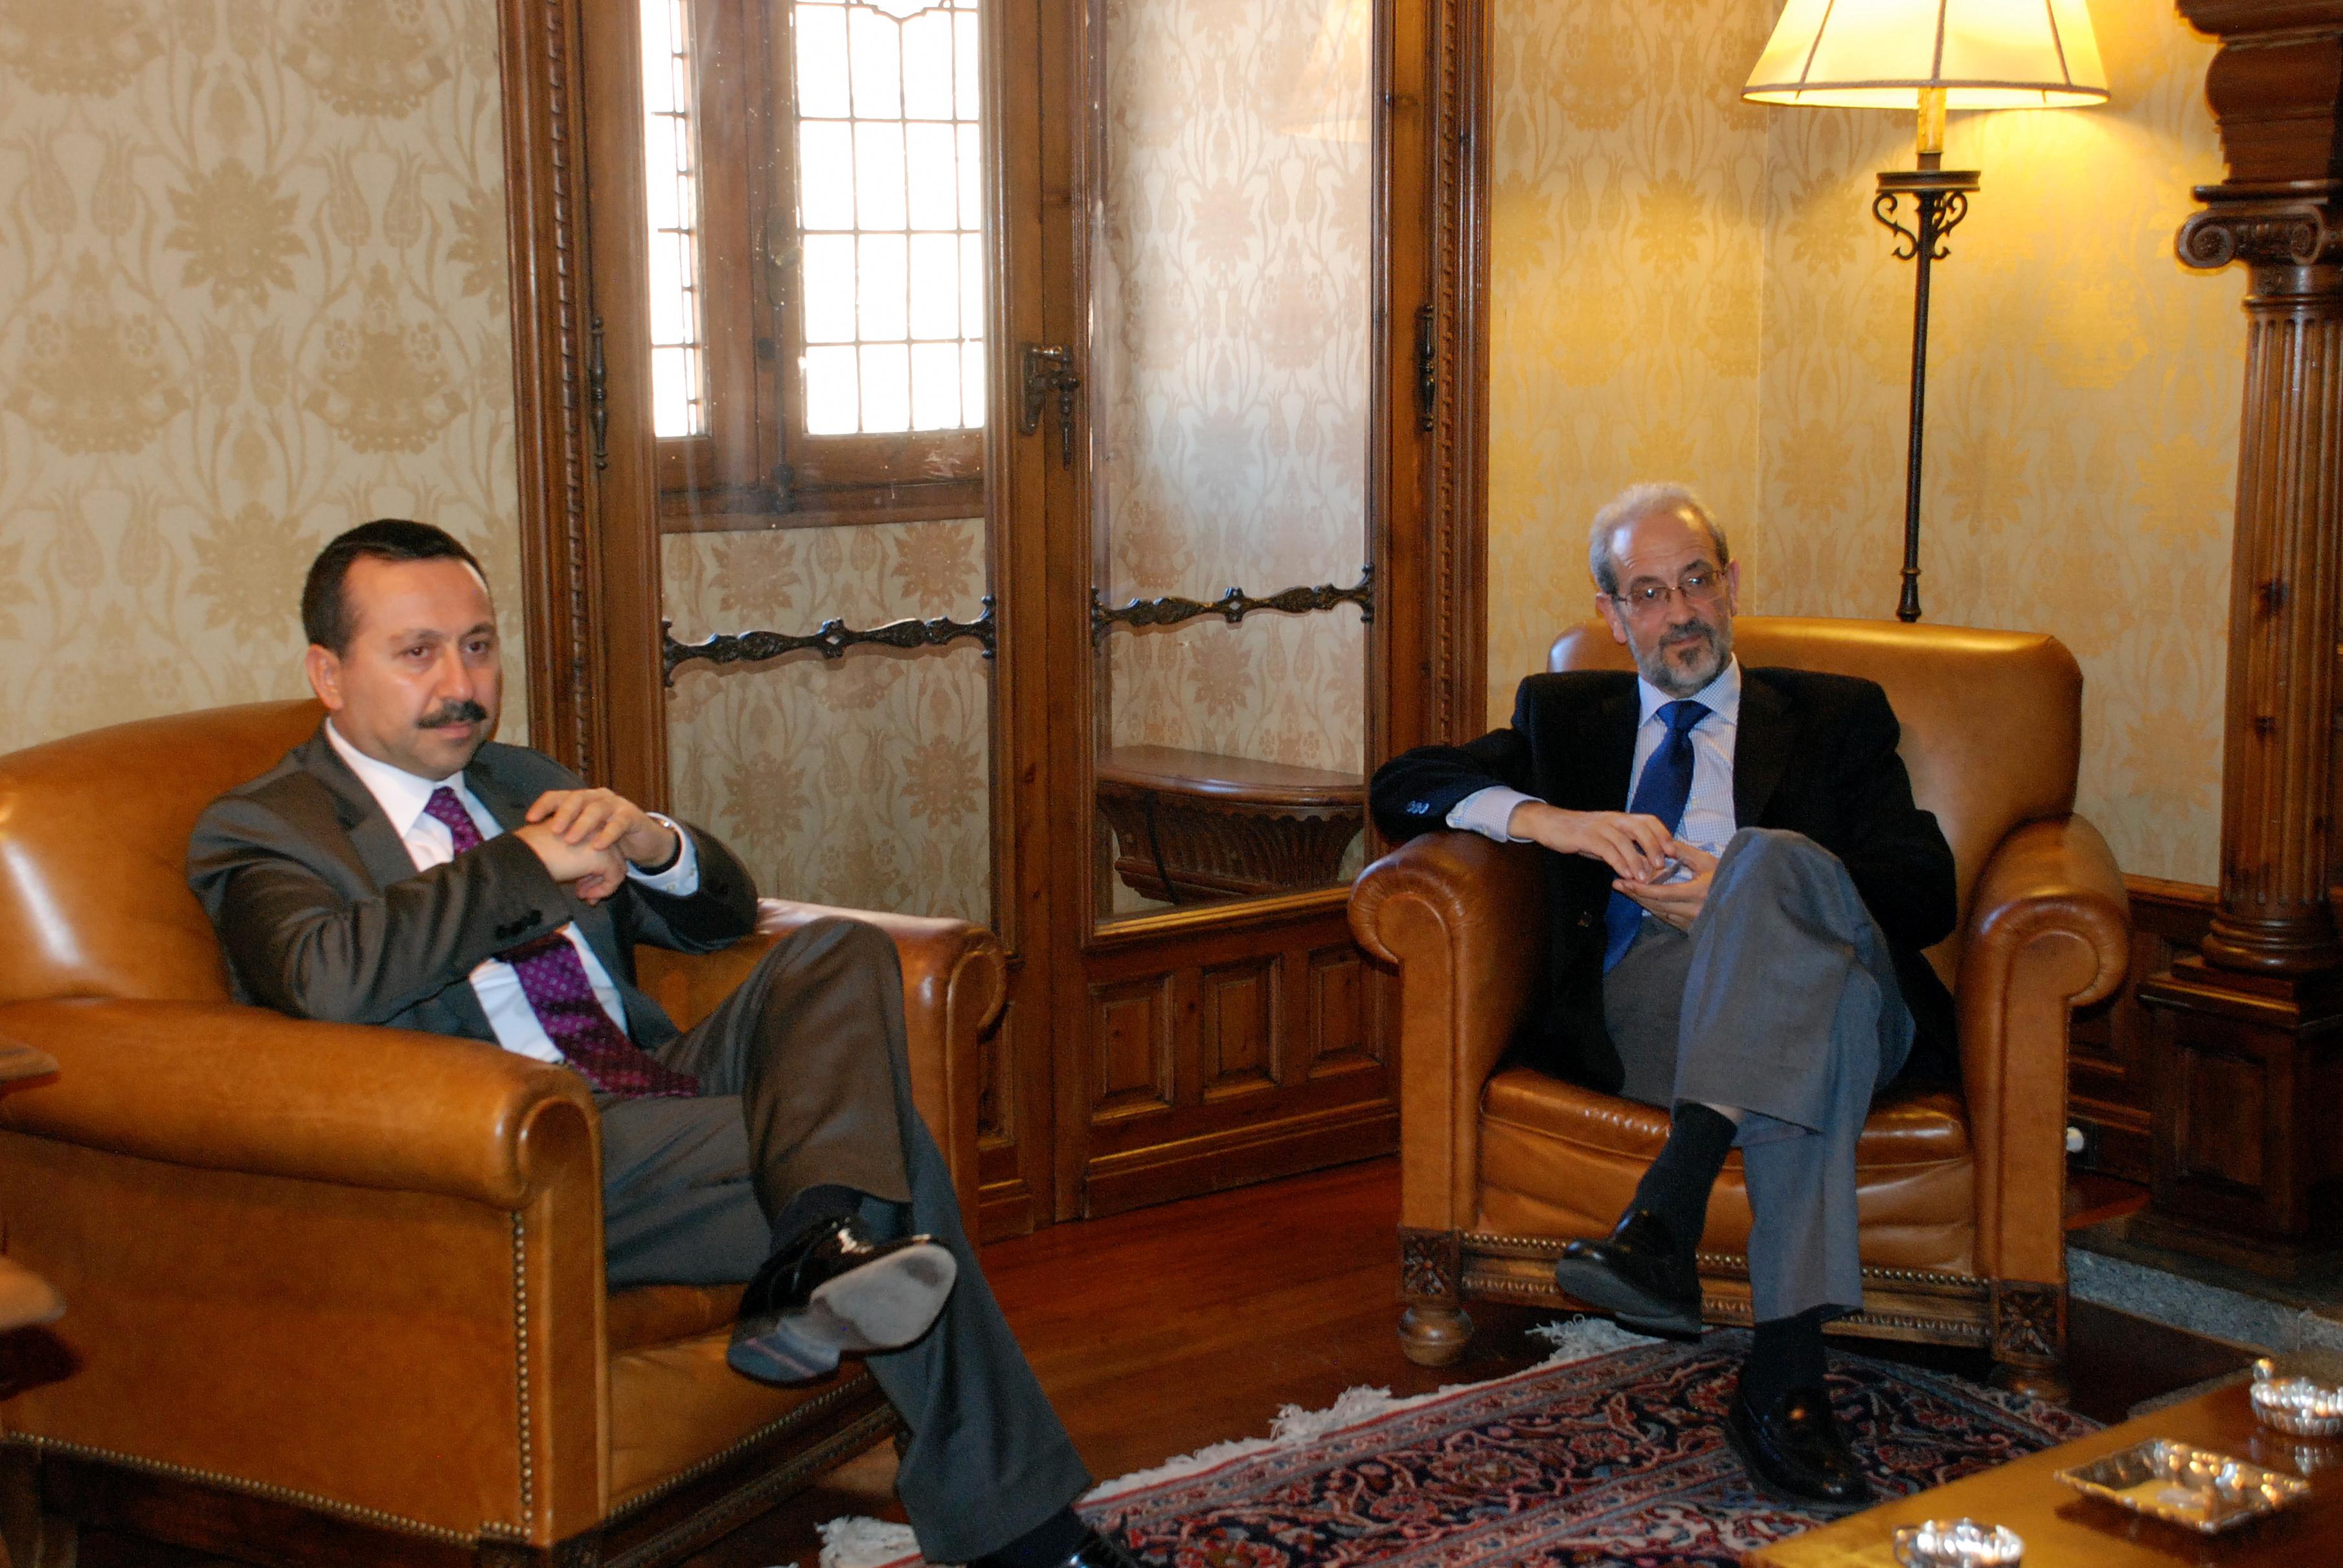 El rector de la Universidad, Daniel Hernández Ruipérez, recibe a su homólogo de la universidad turca de Selcuk, Hakkı Gökbel